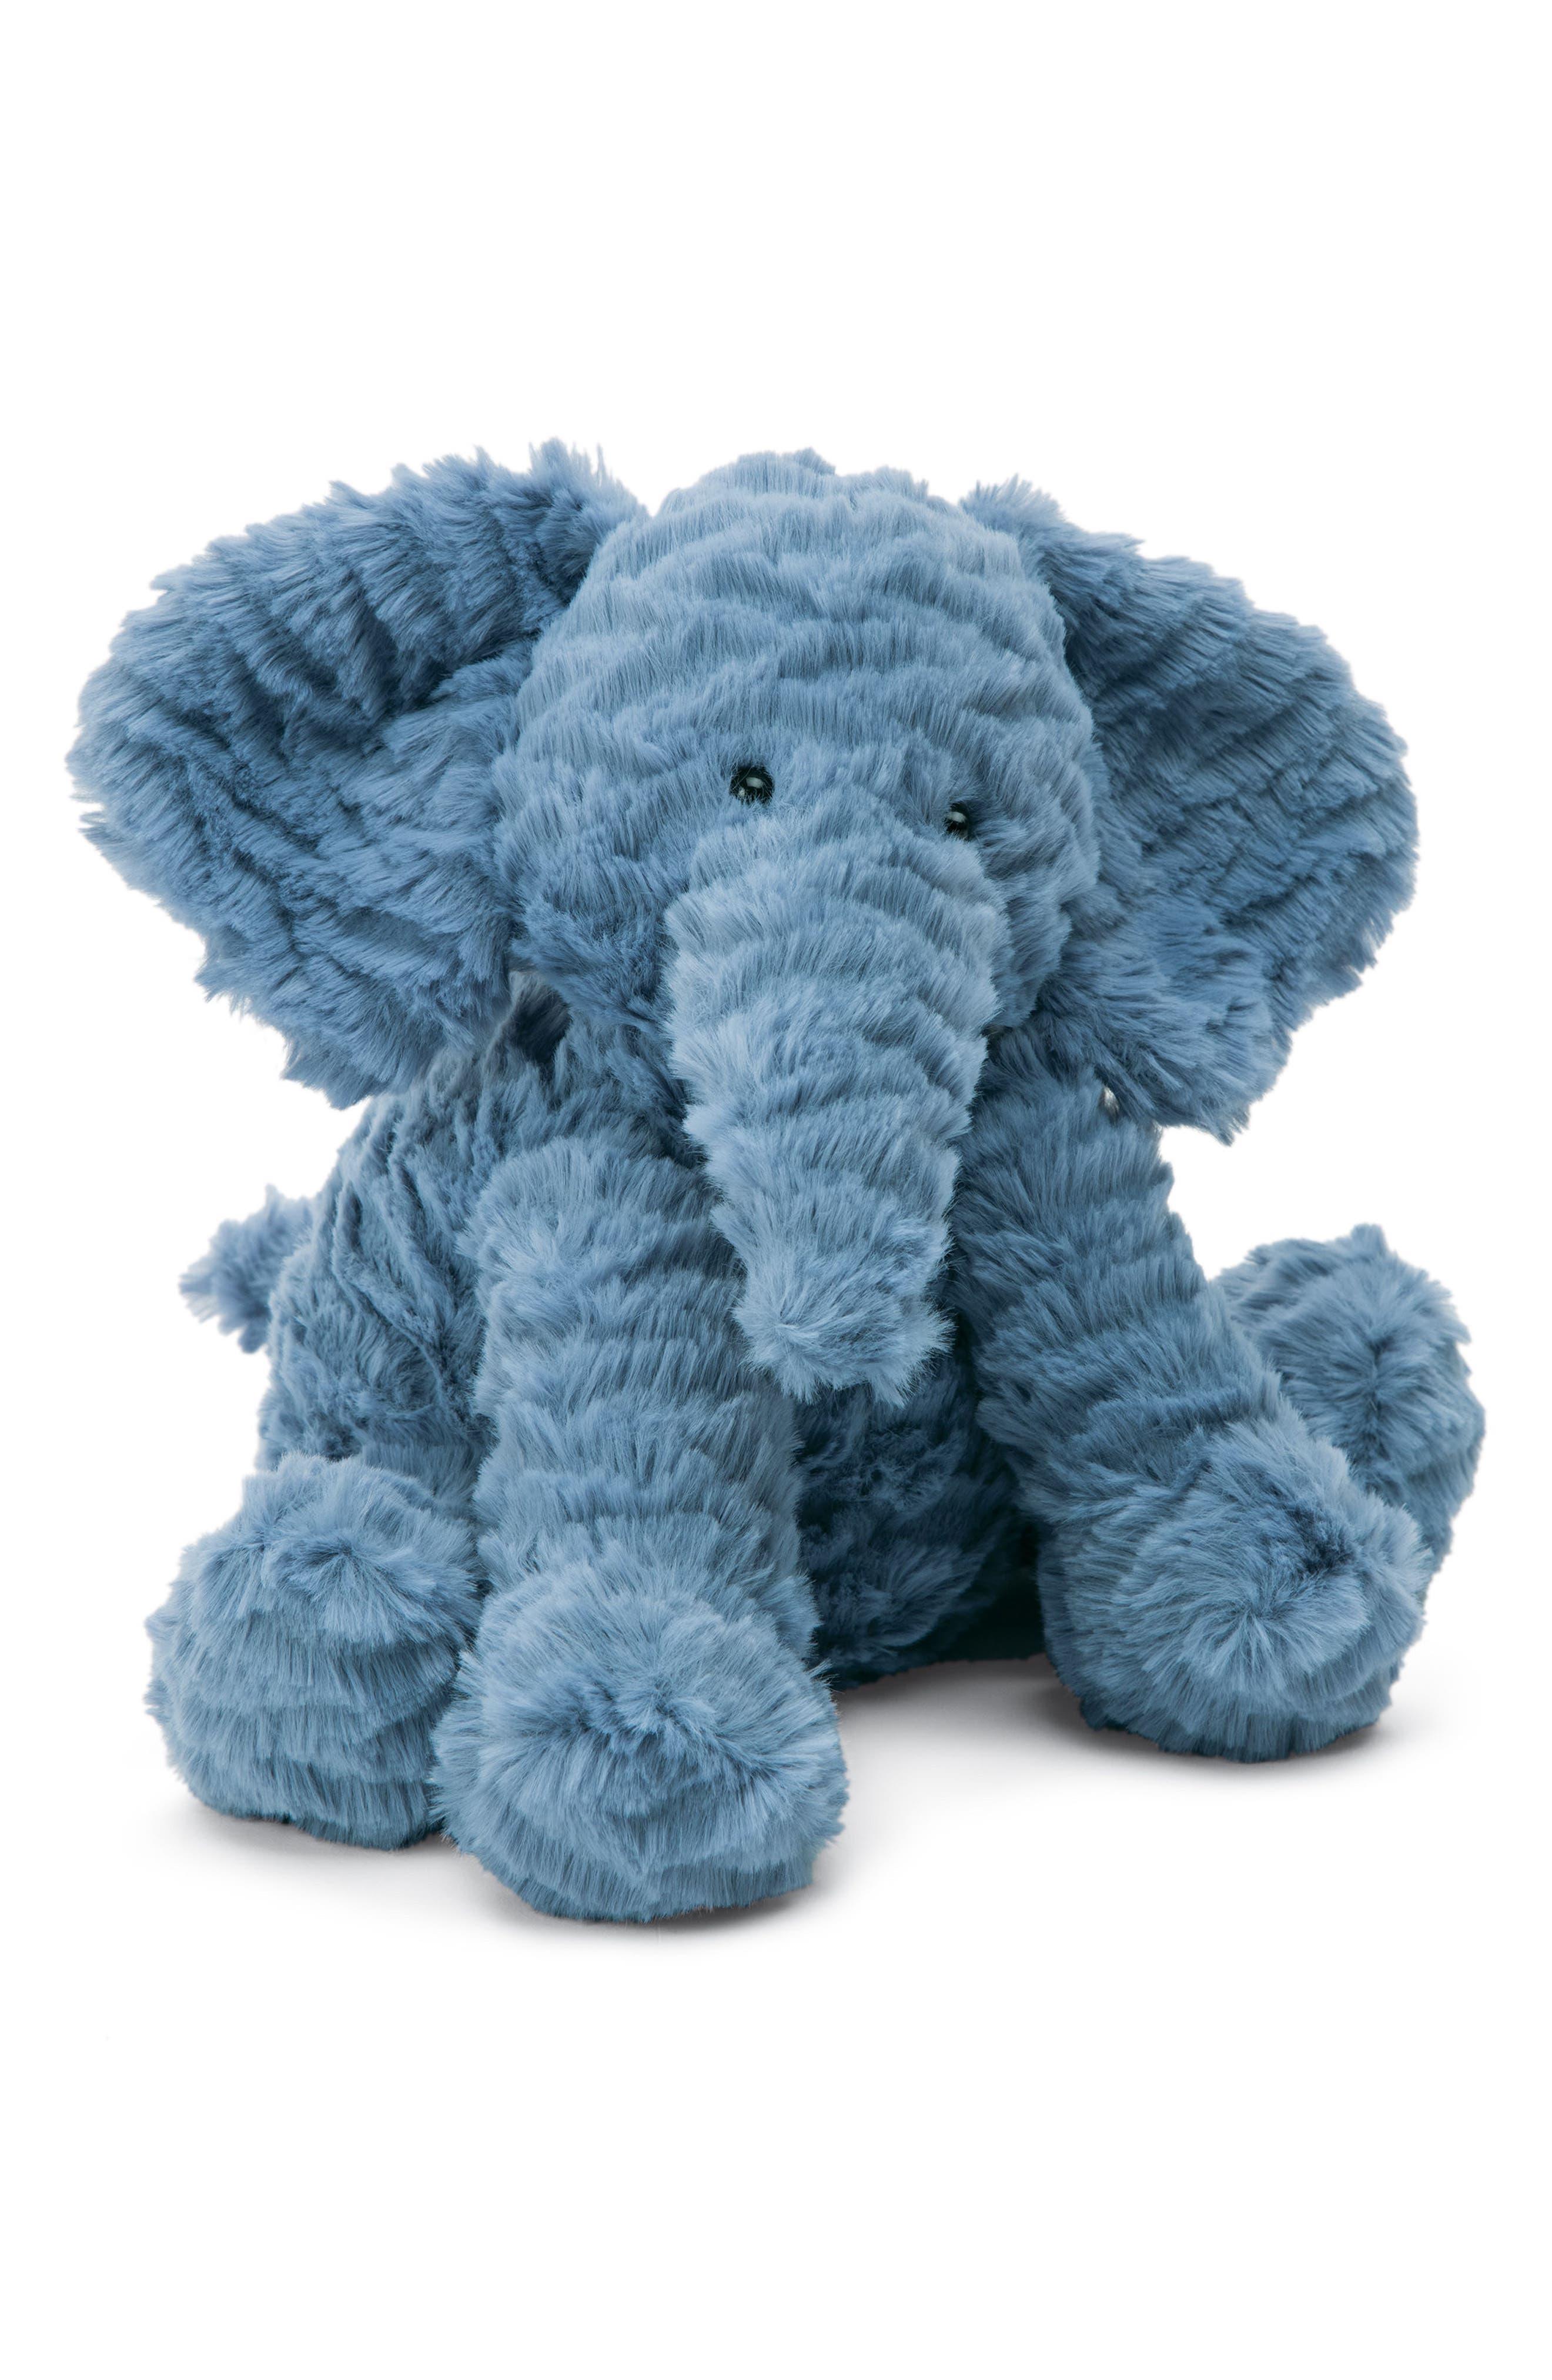 Fuddlewuddle Elephant Stuffed Animal,                         Main,                         color, Blue